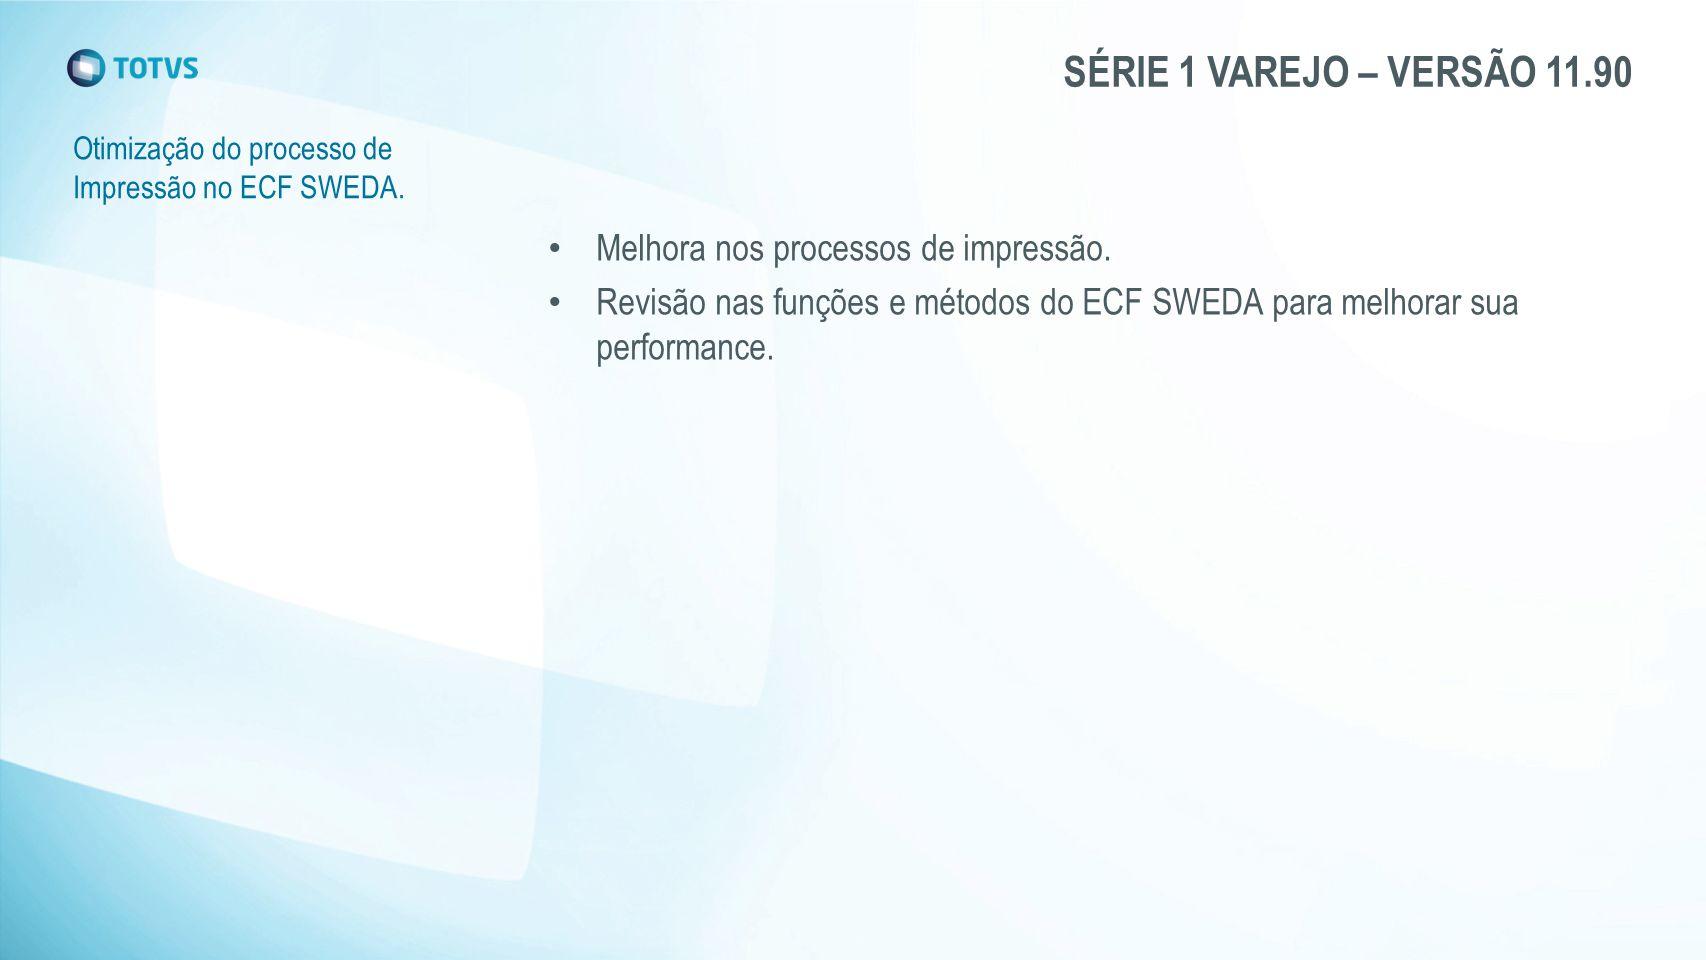 SÉRIE 1 VAREJO – VERSÃO 11.90 Otimização do processo de Impressão no ECF SWEDA. Melhora nos processos de impressão. Revisão nas funções e métodos do E